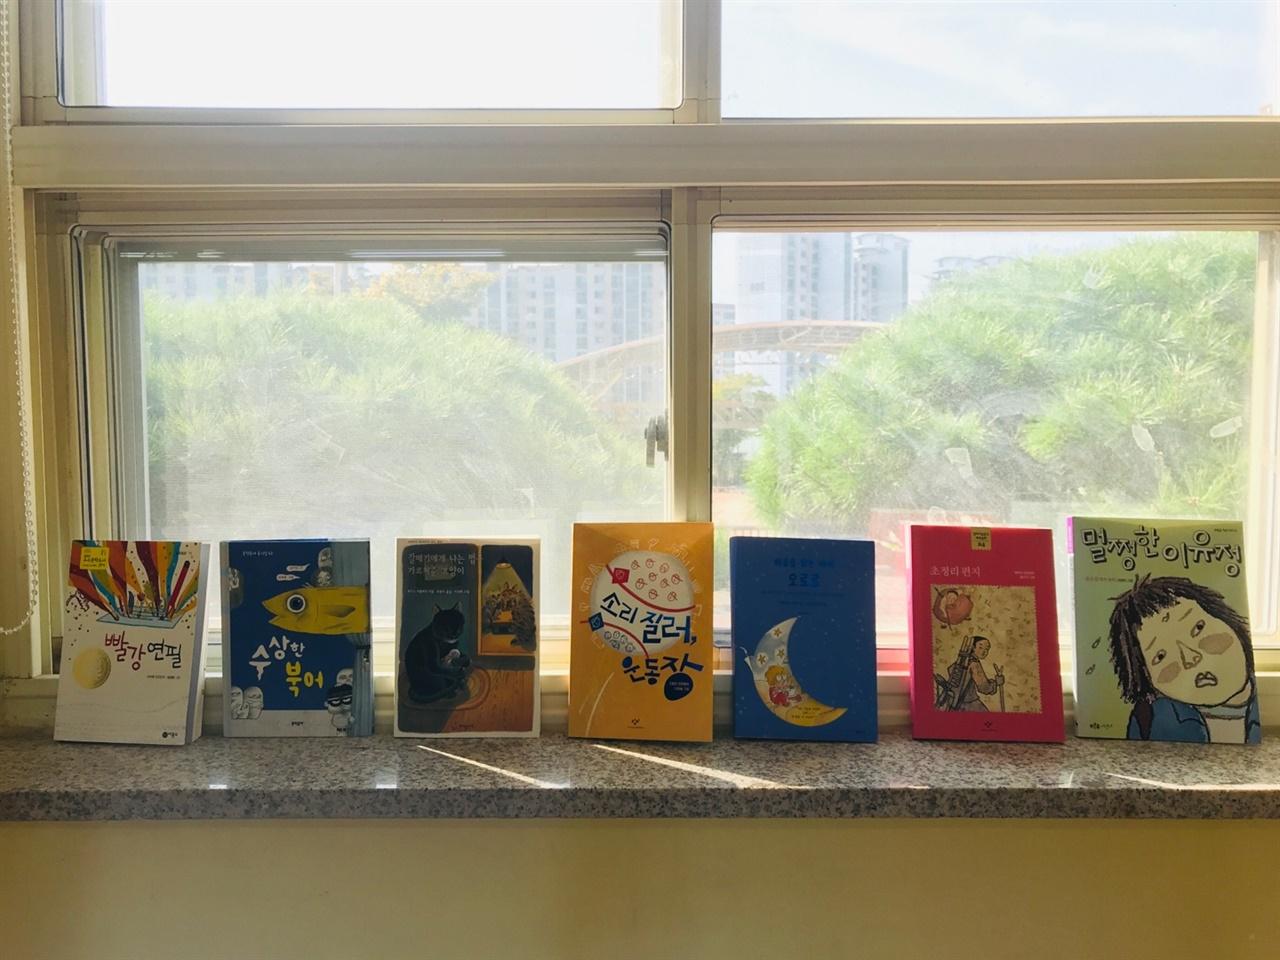 3월부터 아이들에게 긴 이야기책을 매달 한 권씩 읽어주고 있습니다.